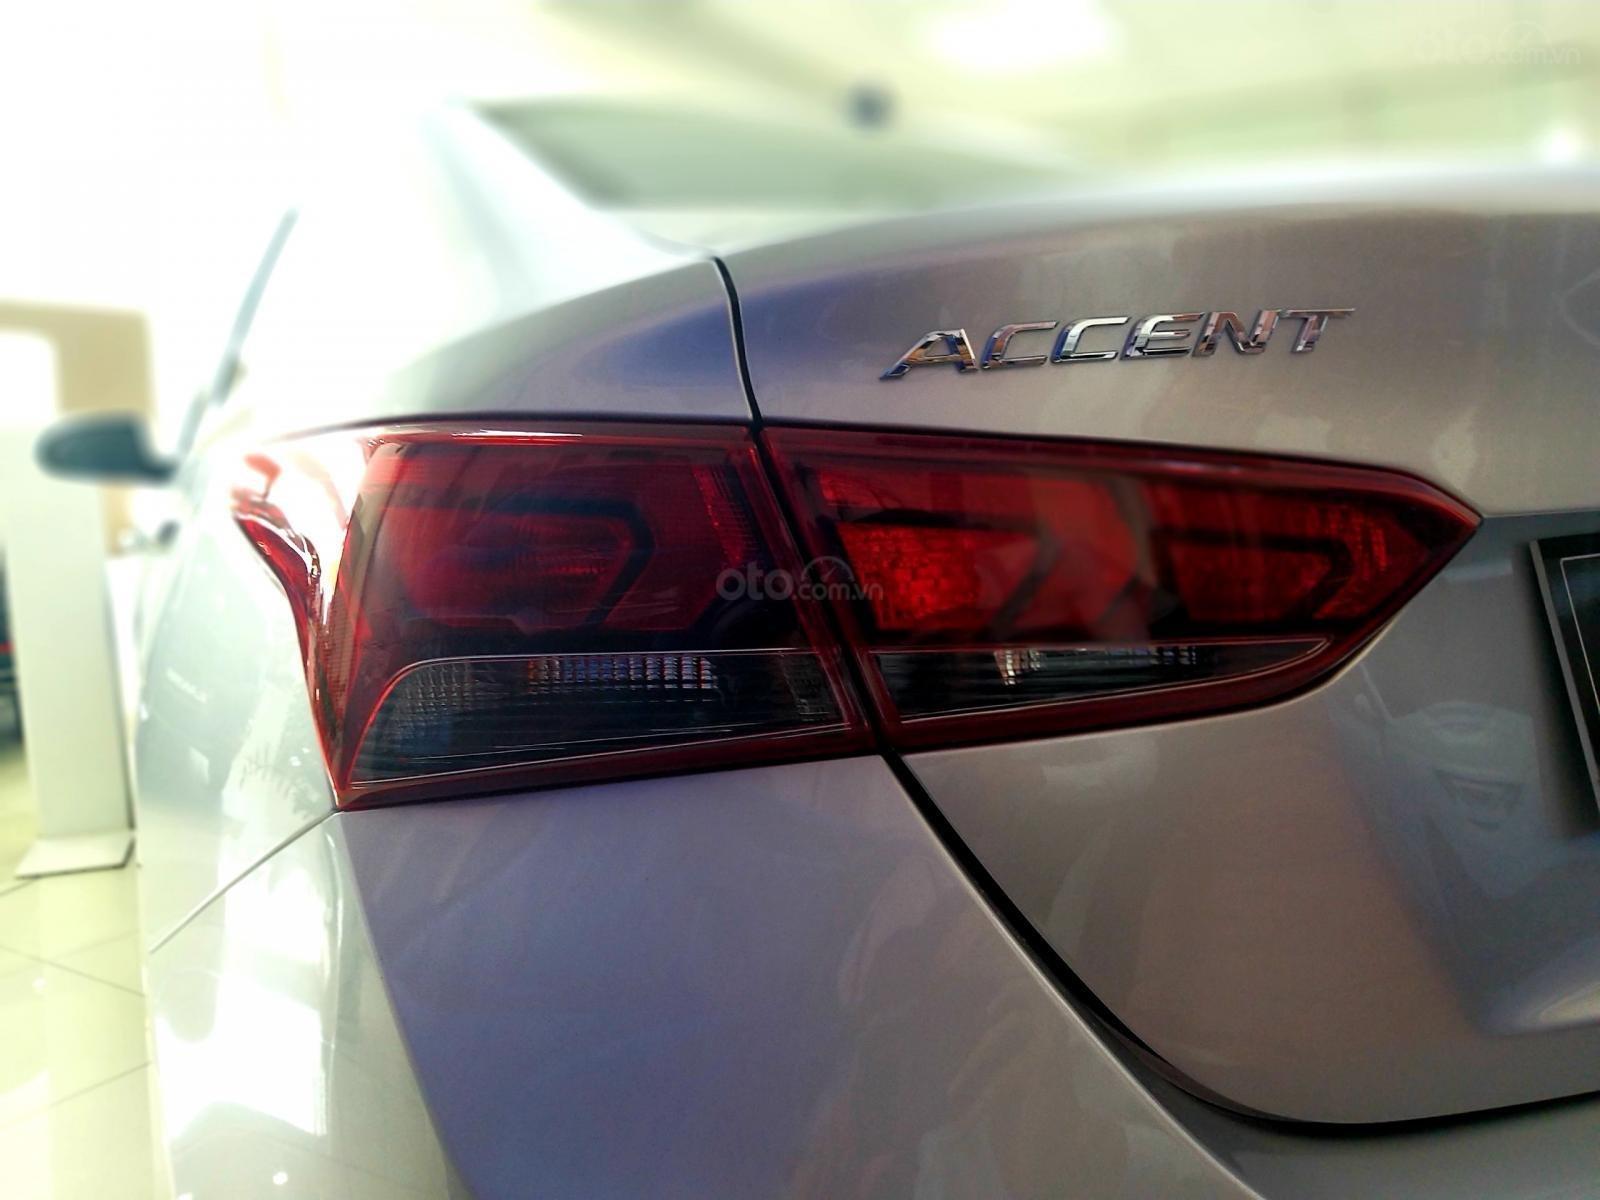 Hyundai Accent 2019, giá tốt bao giấy tờ đăng ký grab, hợp tác xã miễn phí, xe đủ màu giao ngay toàn quốc (7)